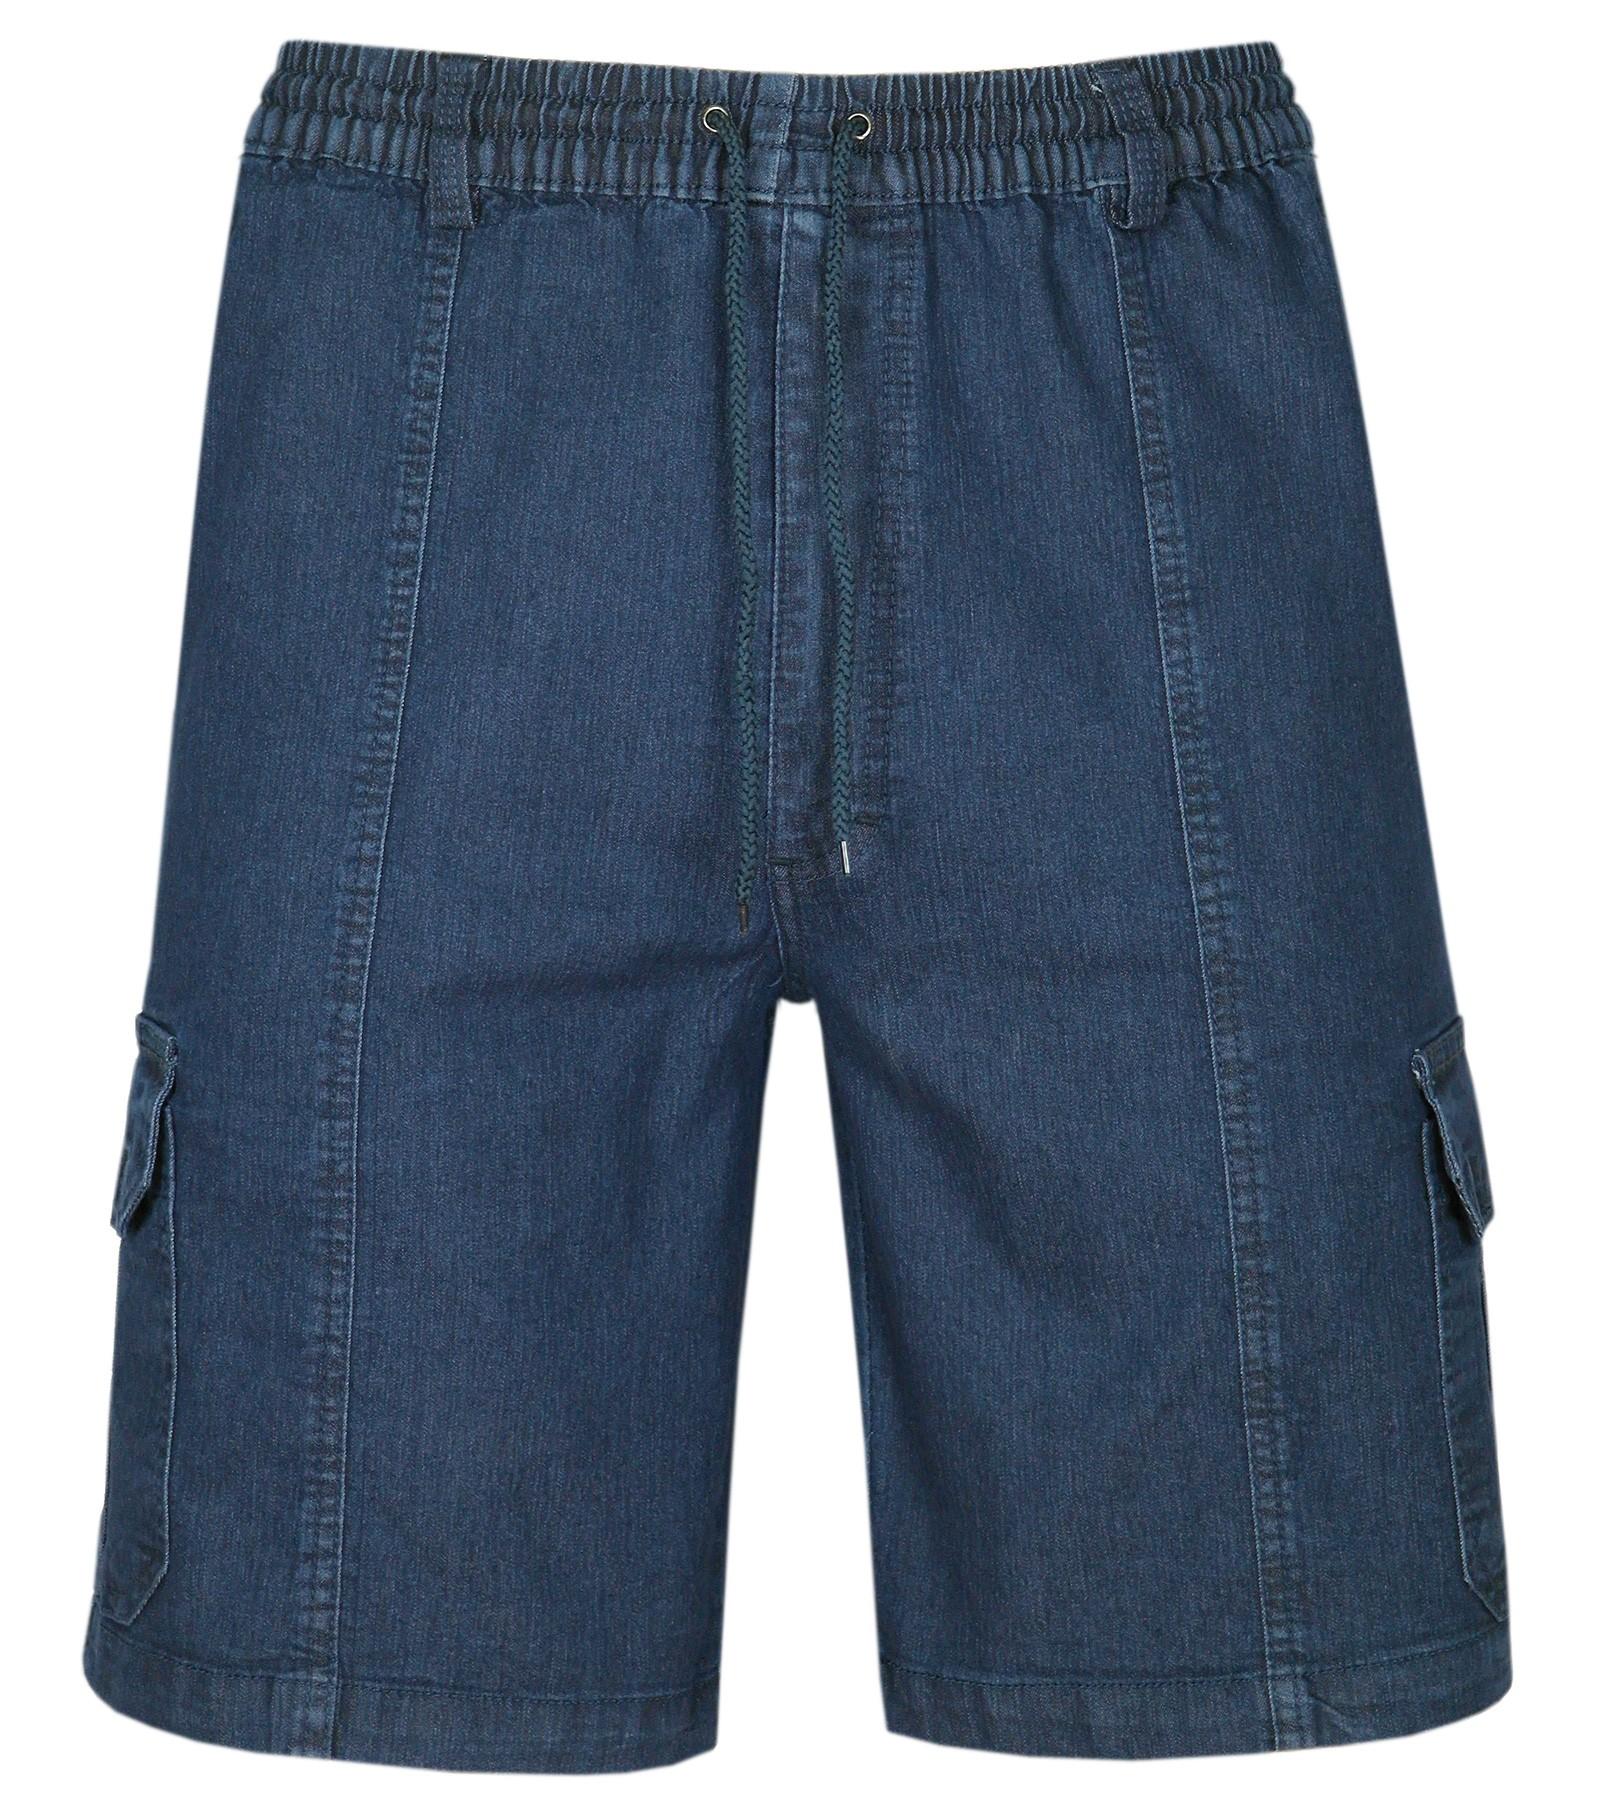 Herren Schlupf-Jeans Shorts kurze Hose aus Stretch Baumwolle - Dark Blue